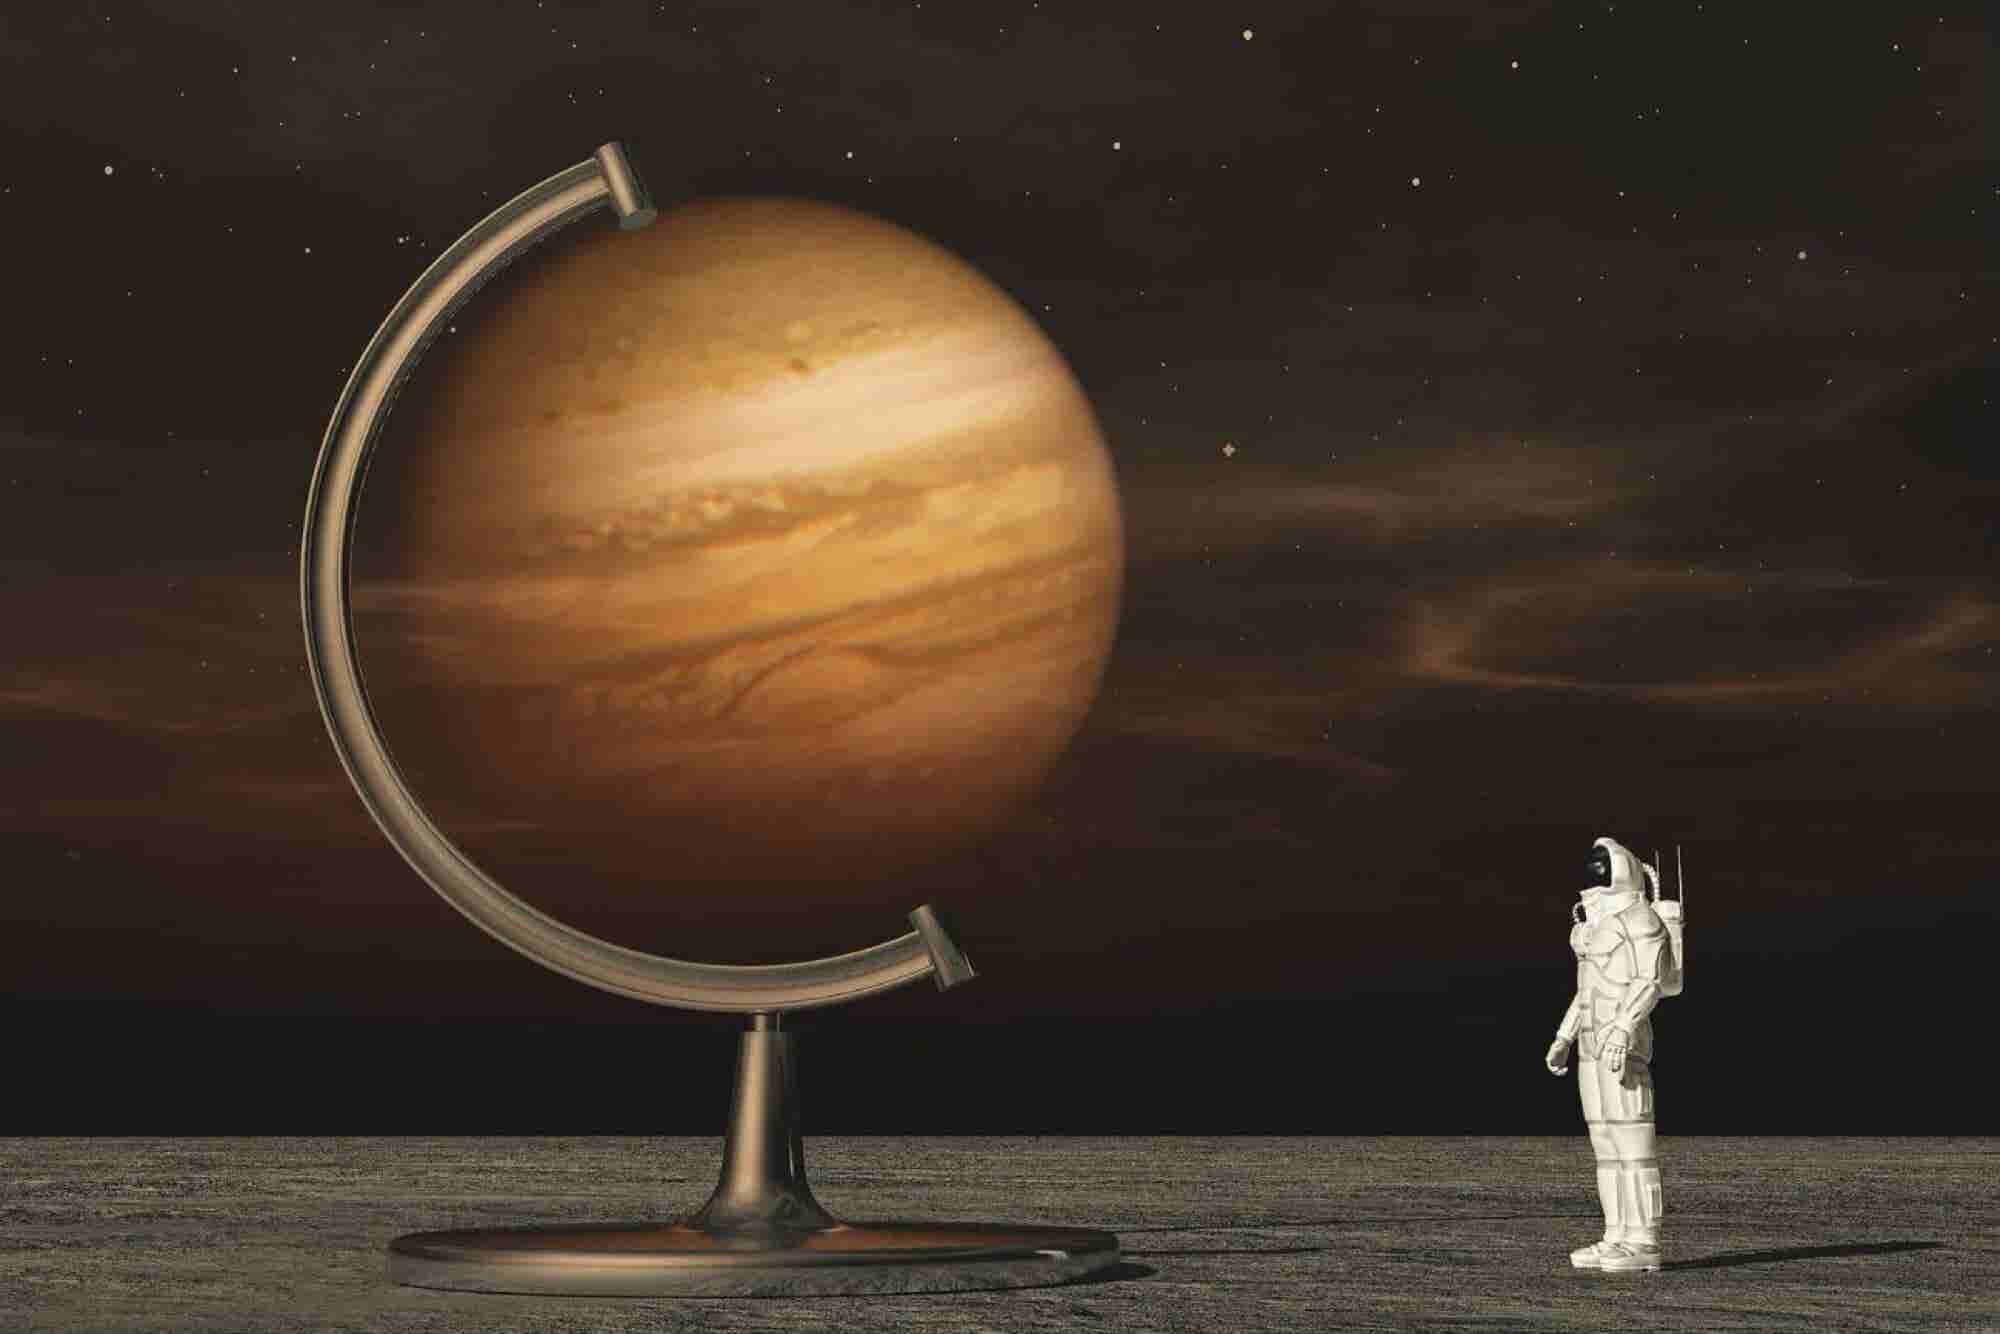 ¿Vida en Júpiter? La NASA premia a mexicano por estudiar esa probabili...